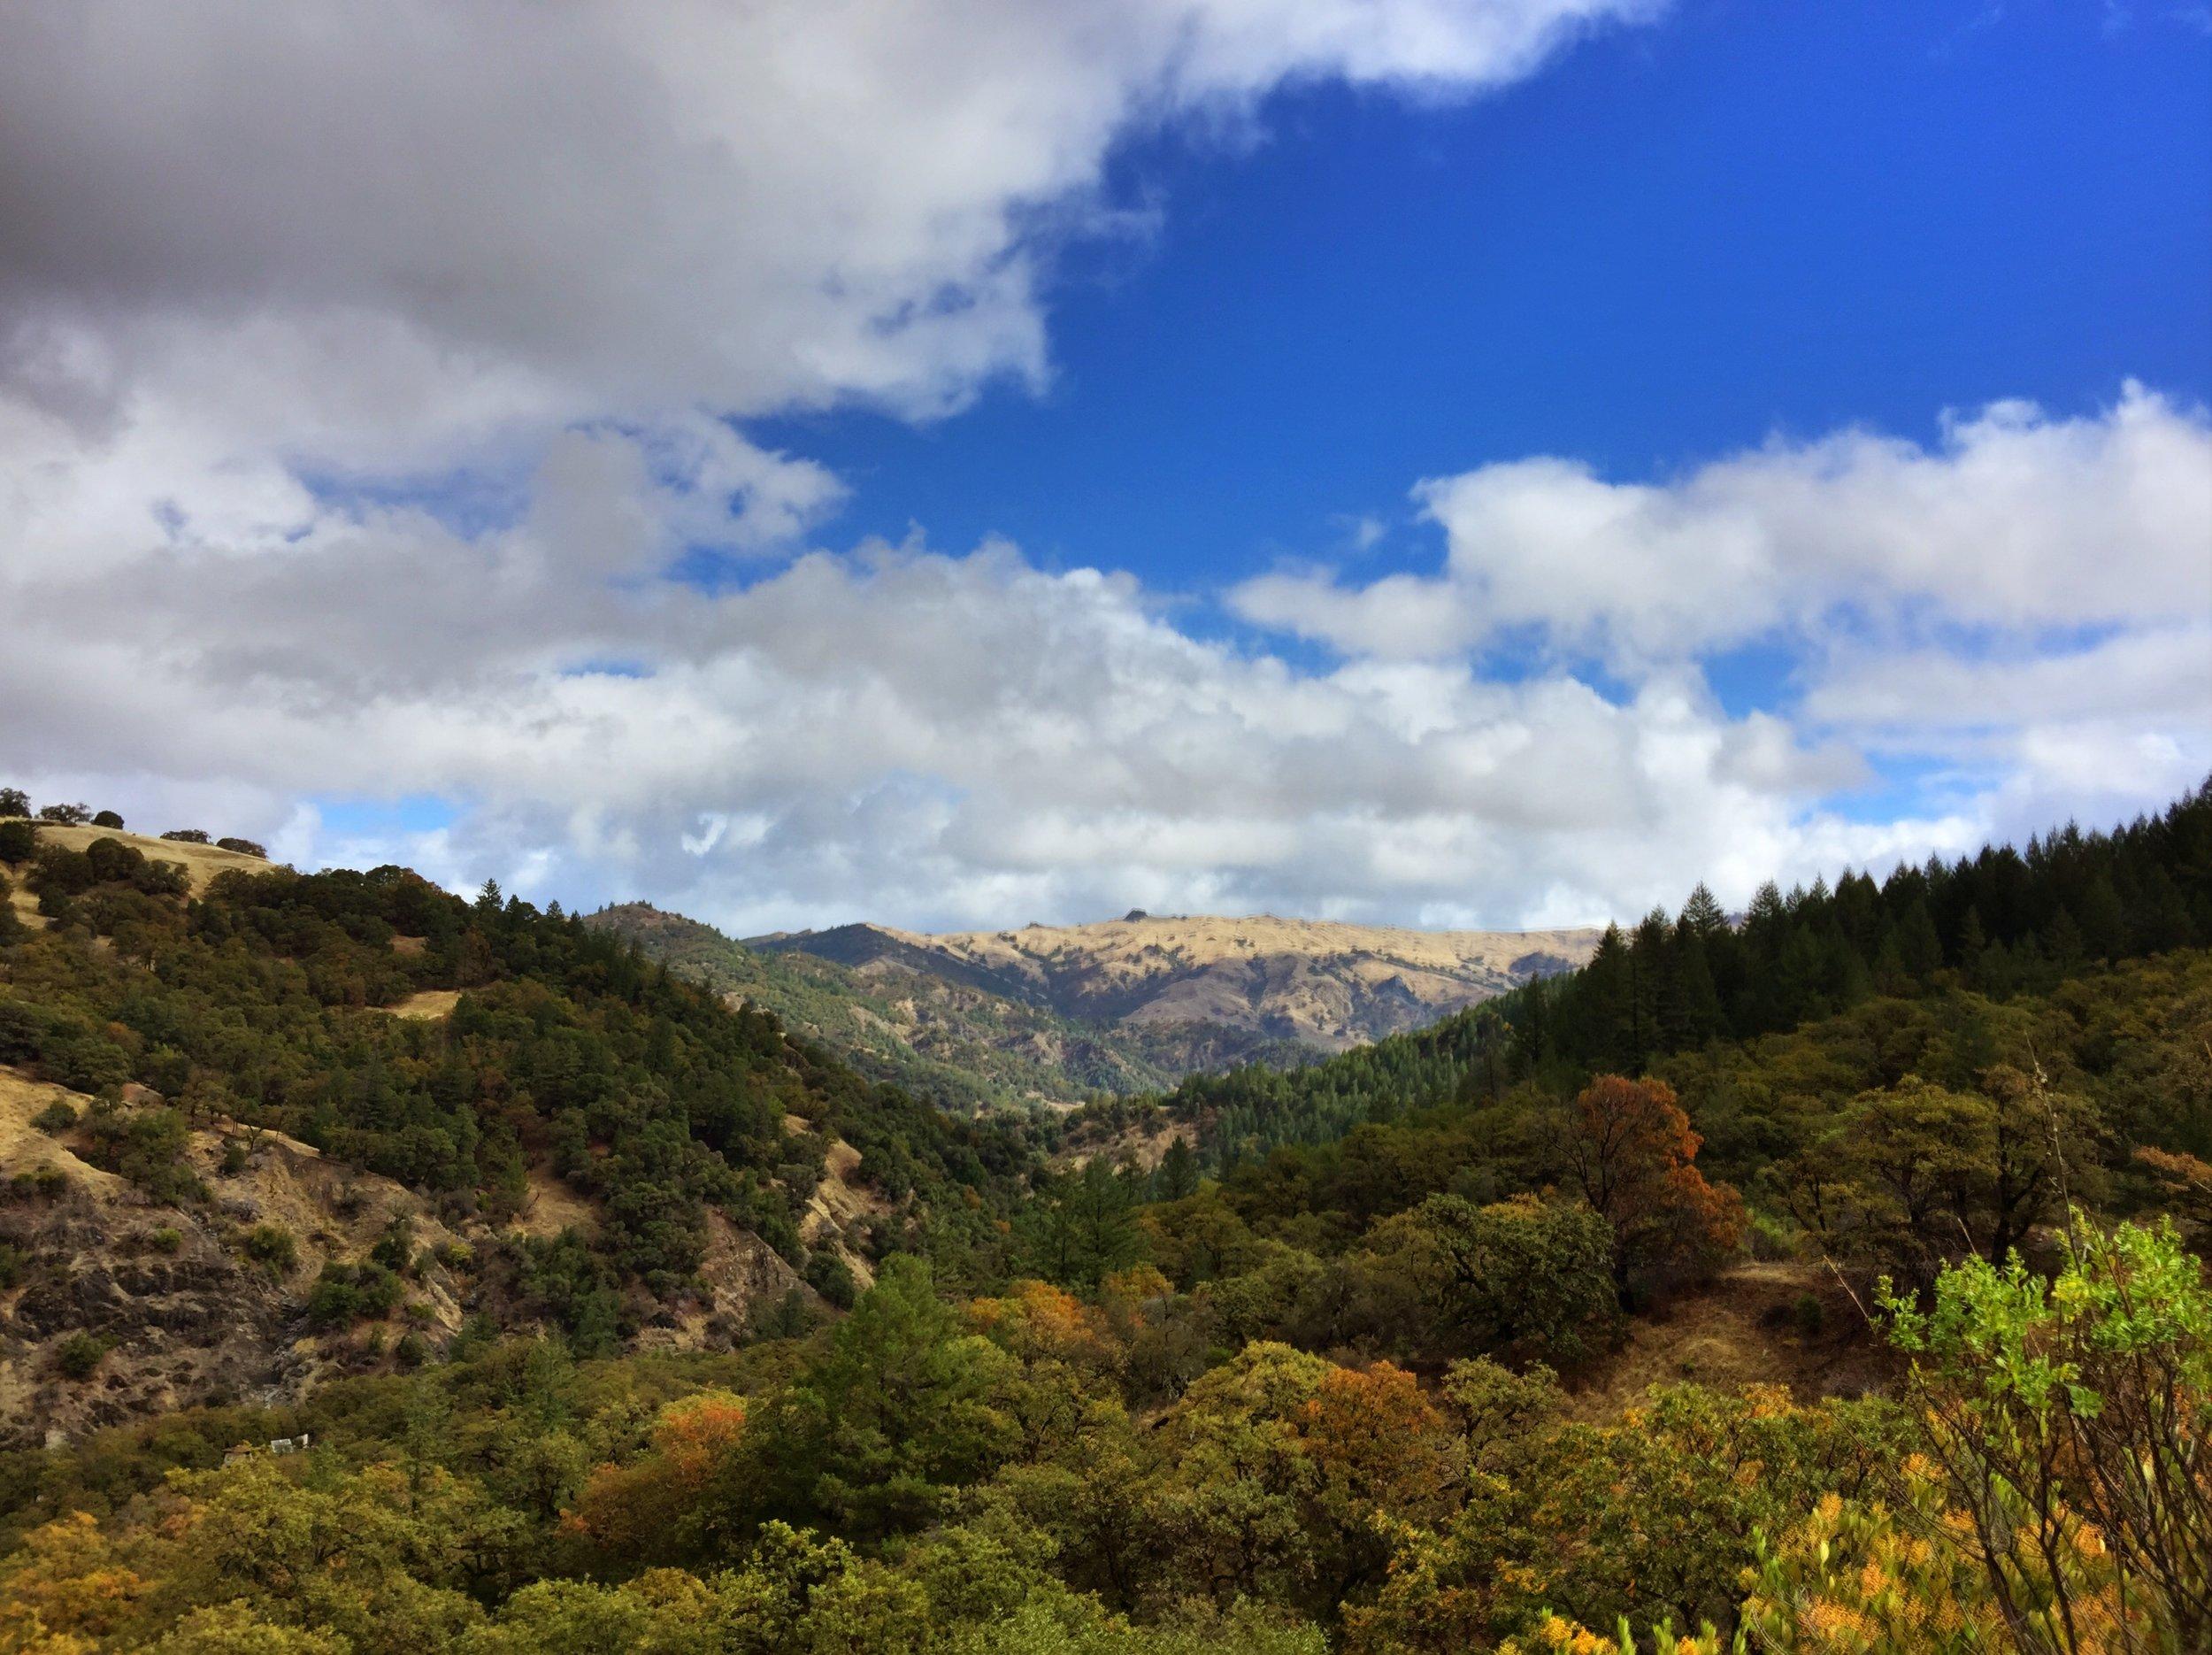 The mountain -